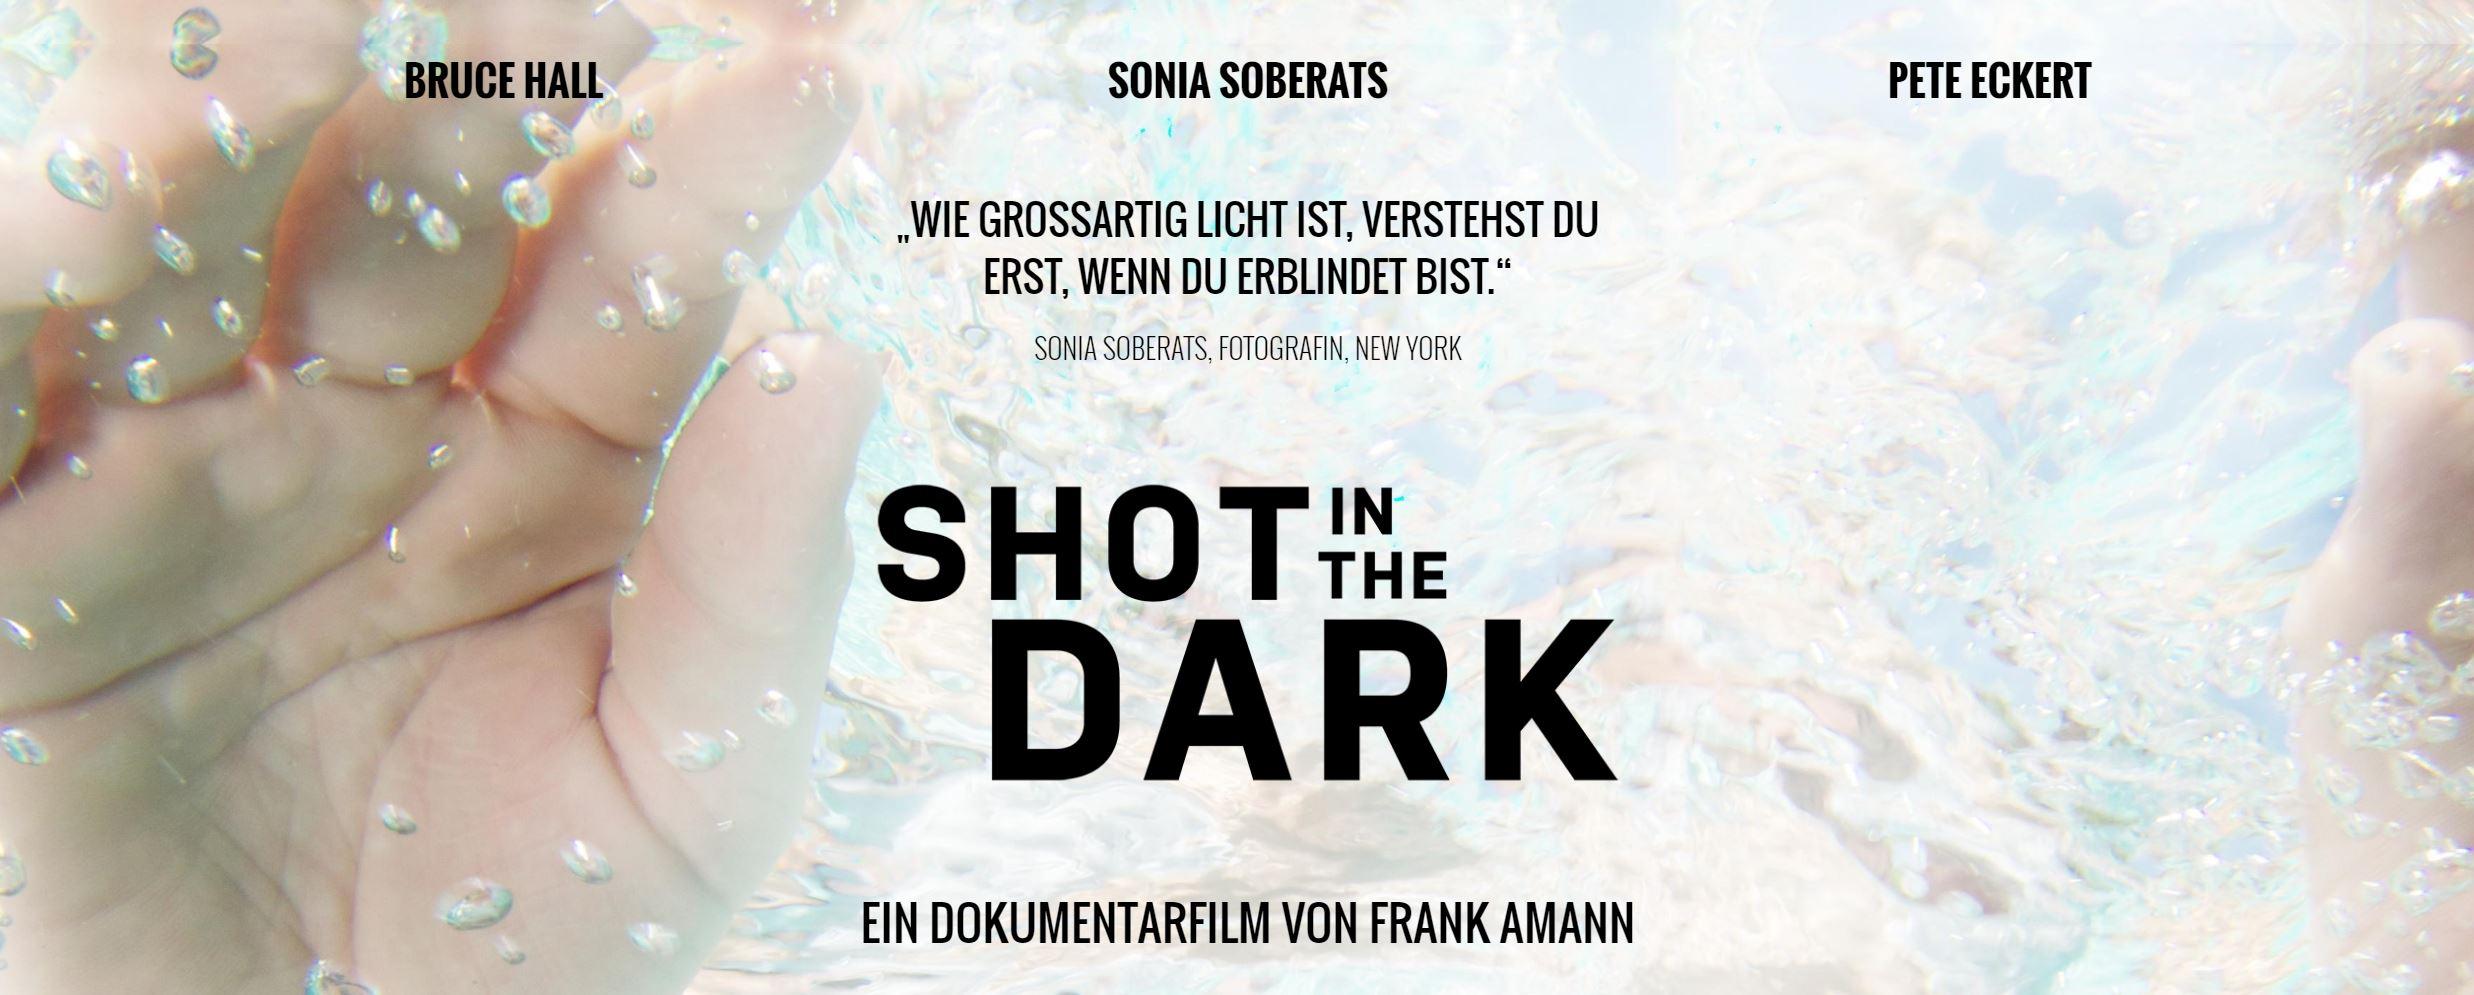 Blinde Fotografie – Im Gespräch mit Regisseur Frank Amann